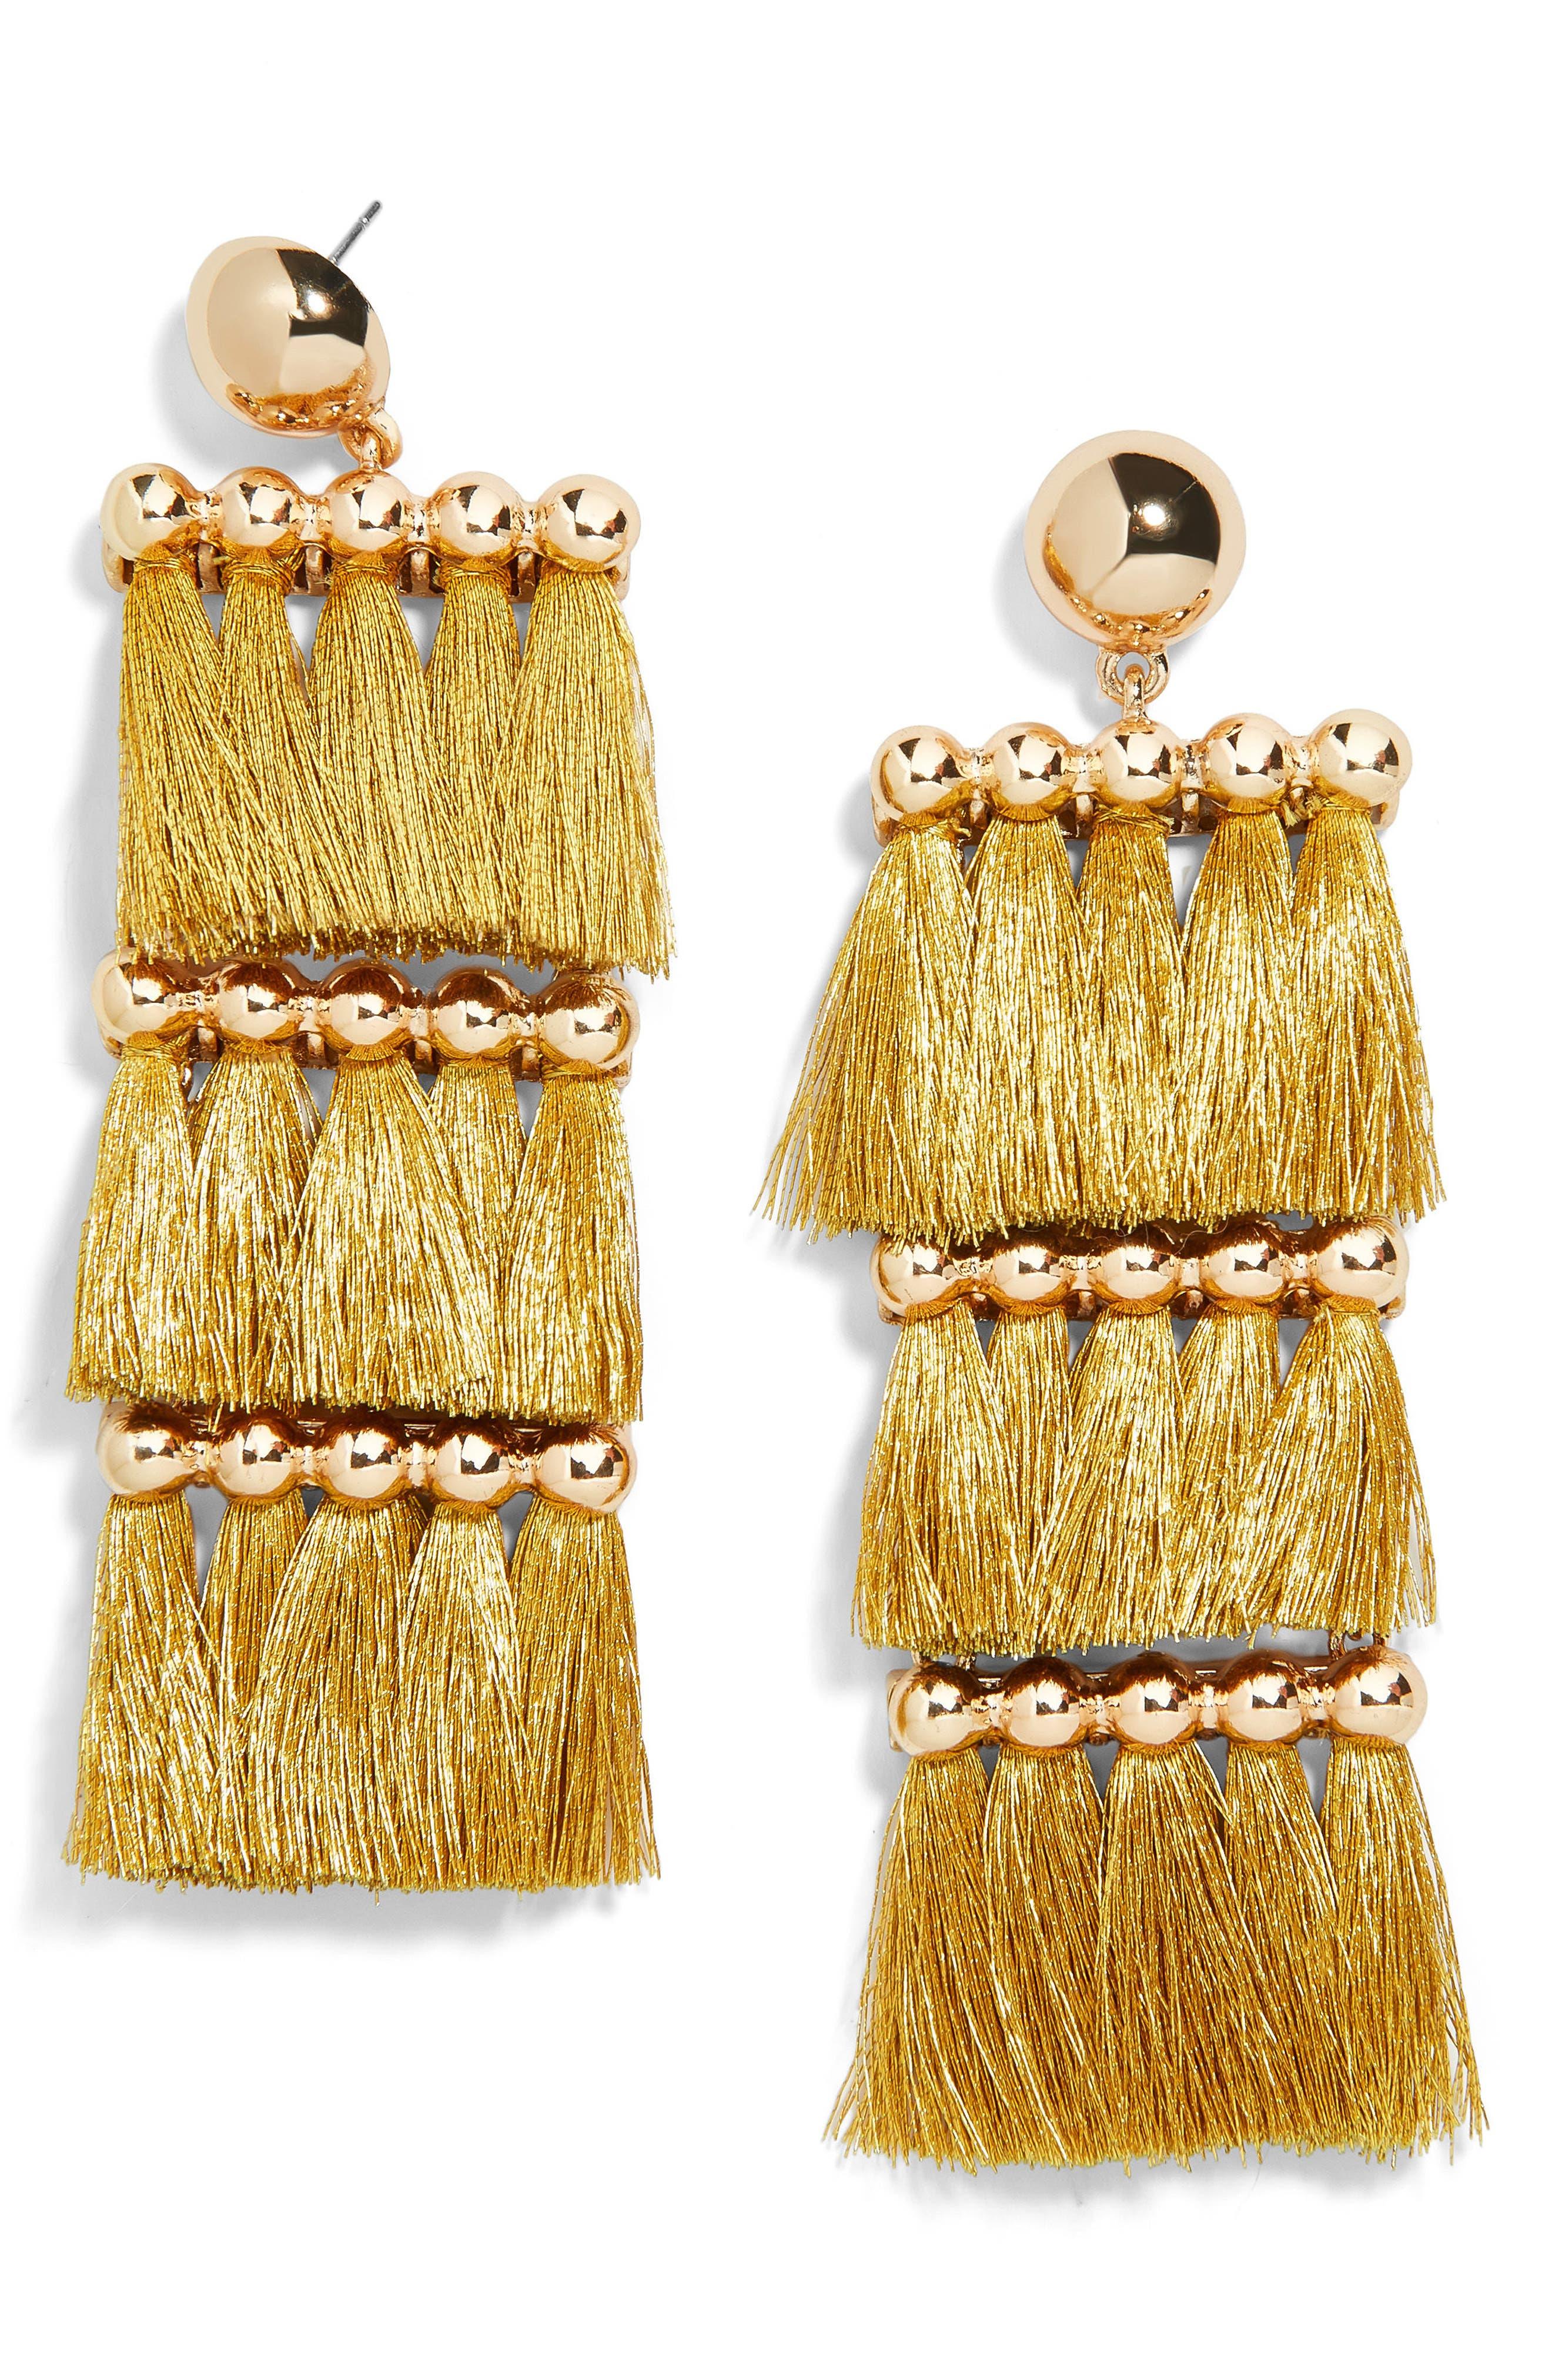 Malaya Tassel Earrings,                             Main thumbnail 1, color,                             710